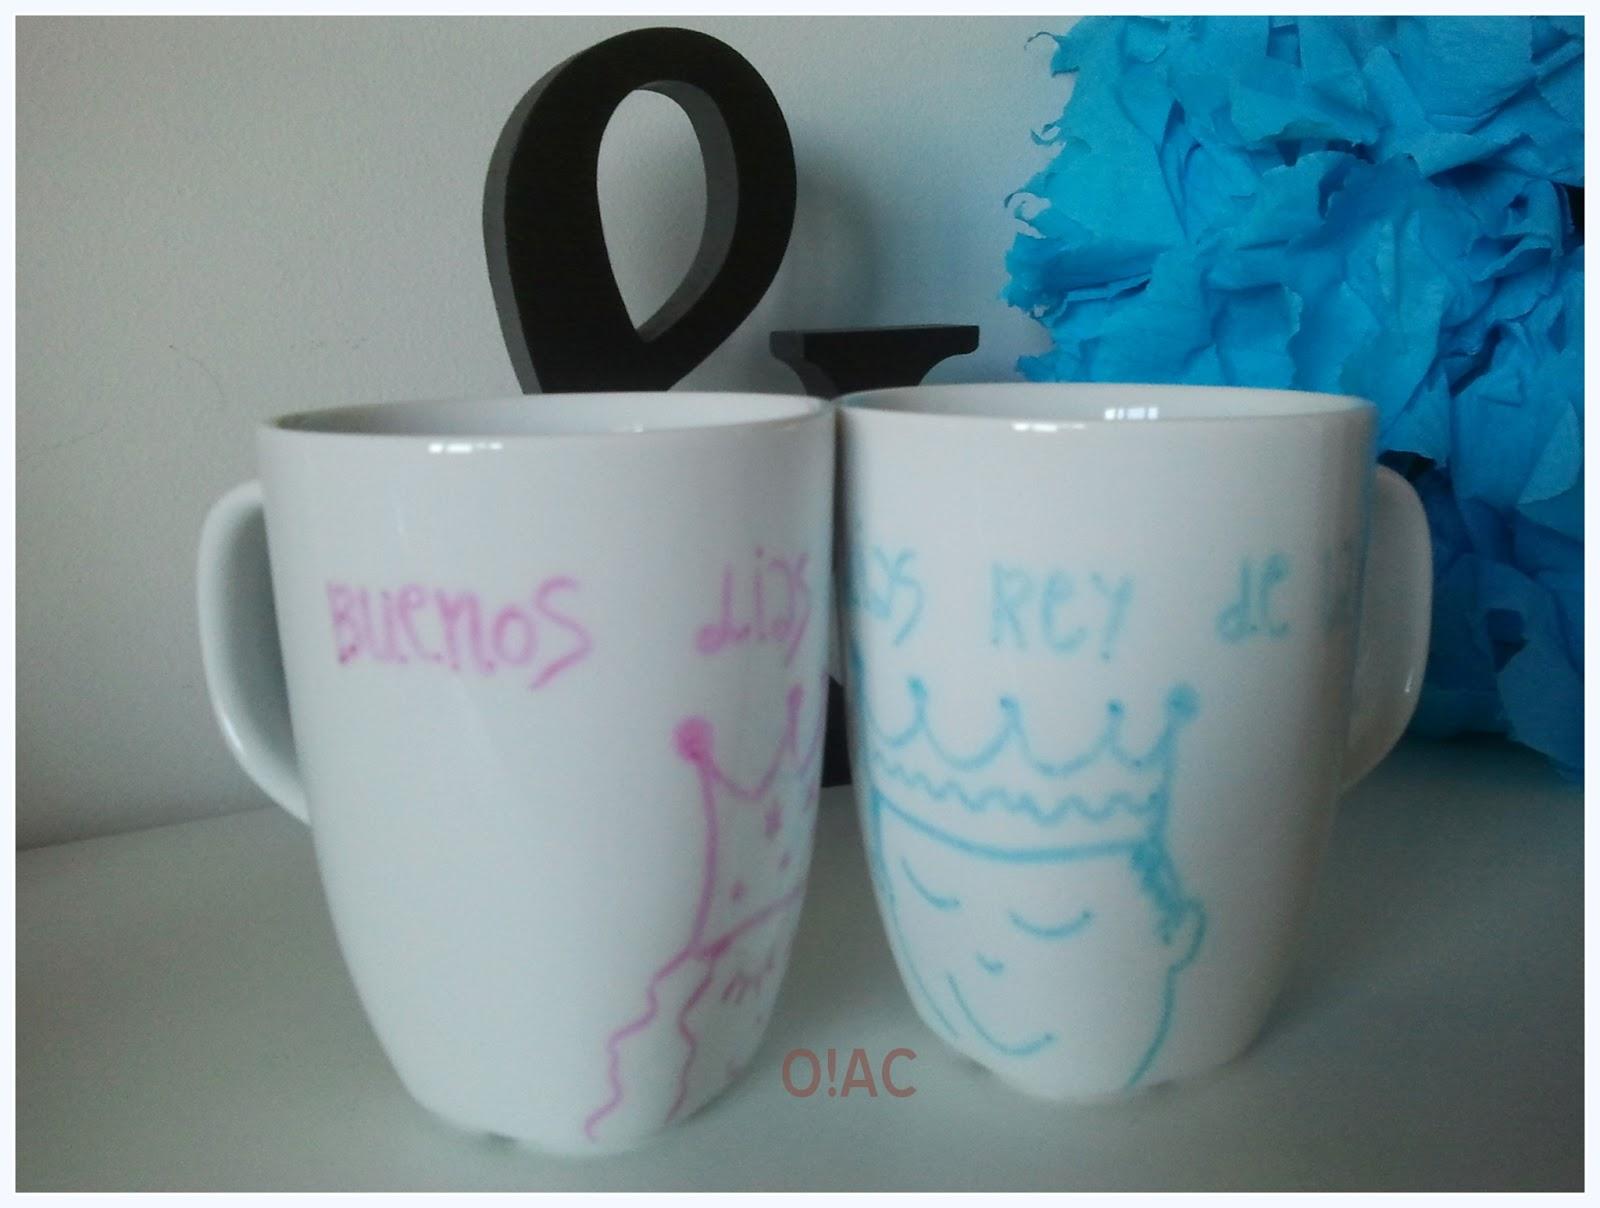 Oui art crafties pintando tazas de porcelana for Tazas de porcelana